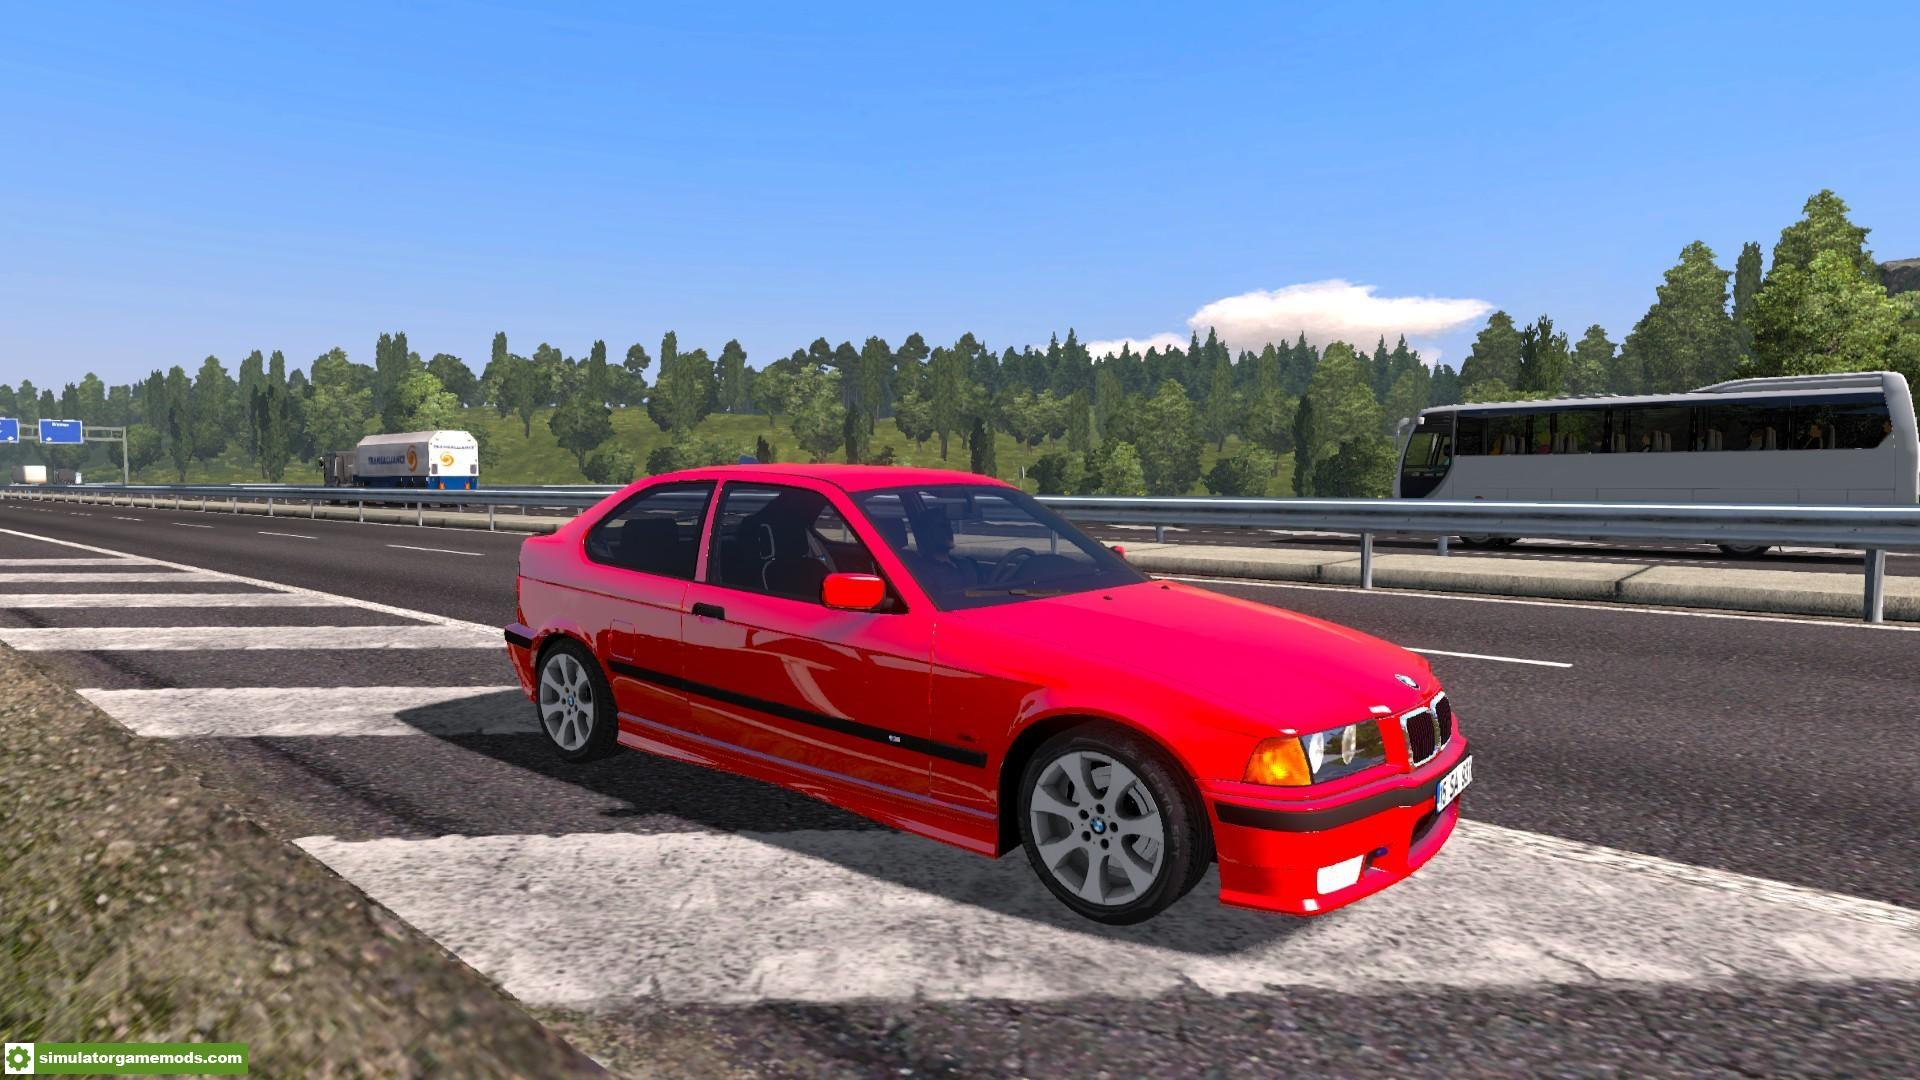 Ets2 Bmw E36 Compact V1 1 31 X Simulator Games Mods